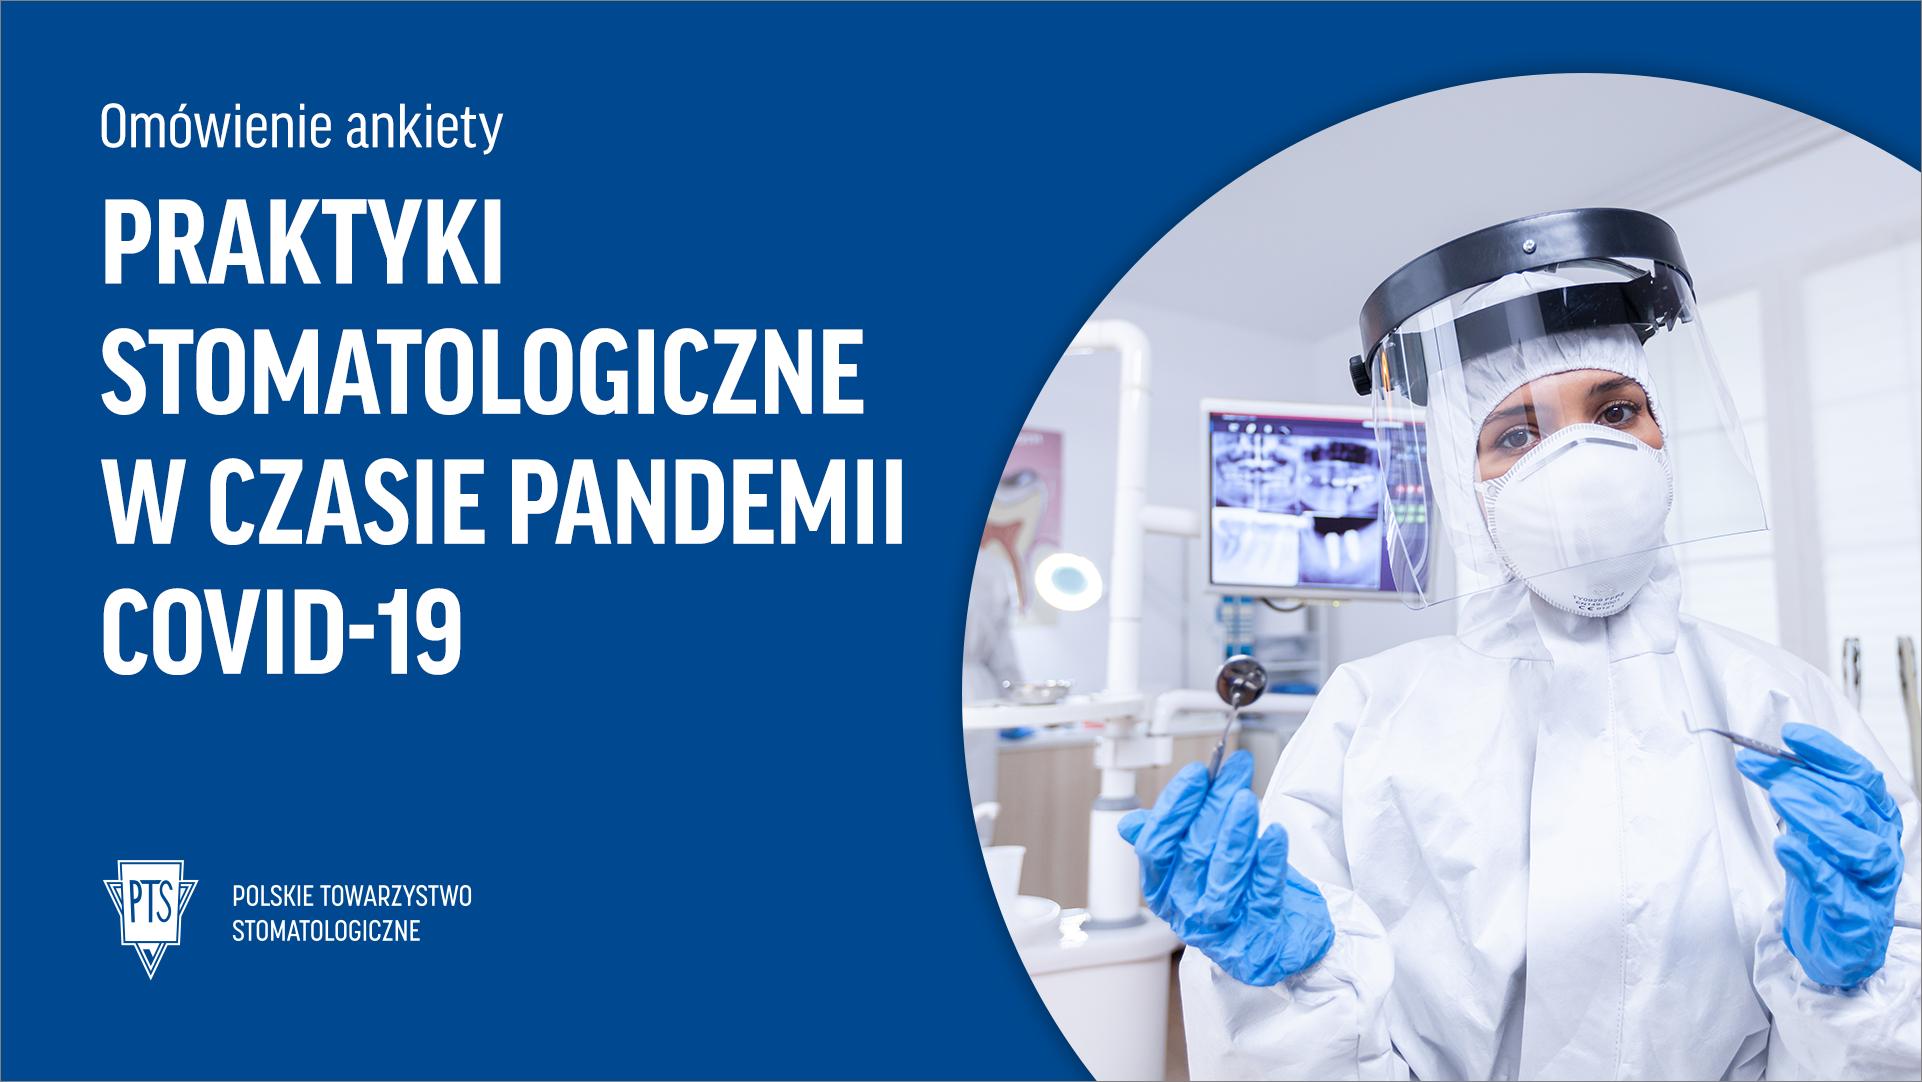 Praktyki stomatologiczne w czasie pandemii COVID-19 – wyniki ankiety